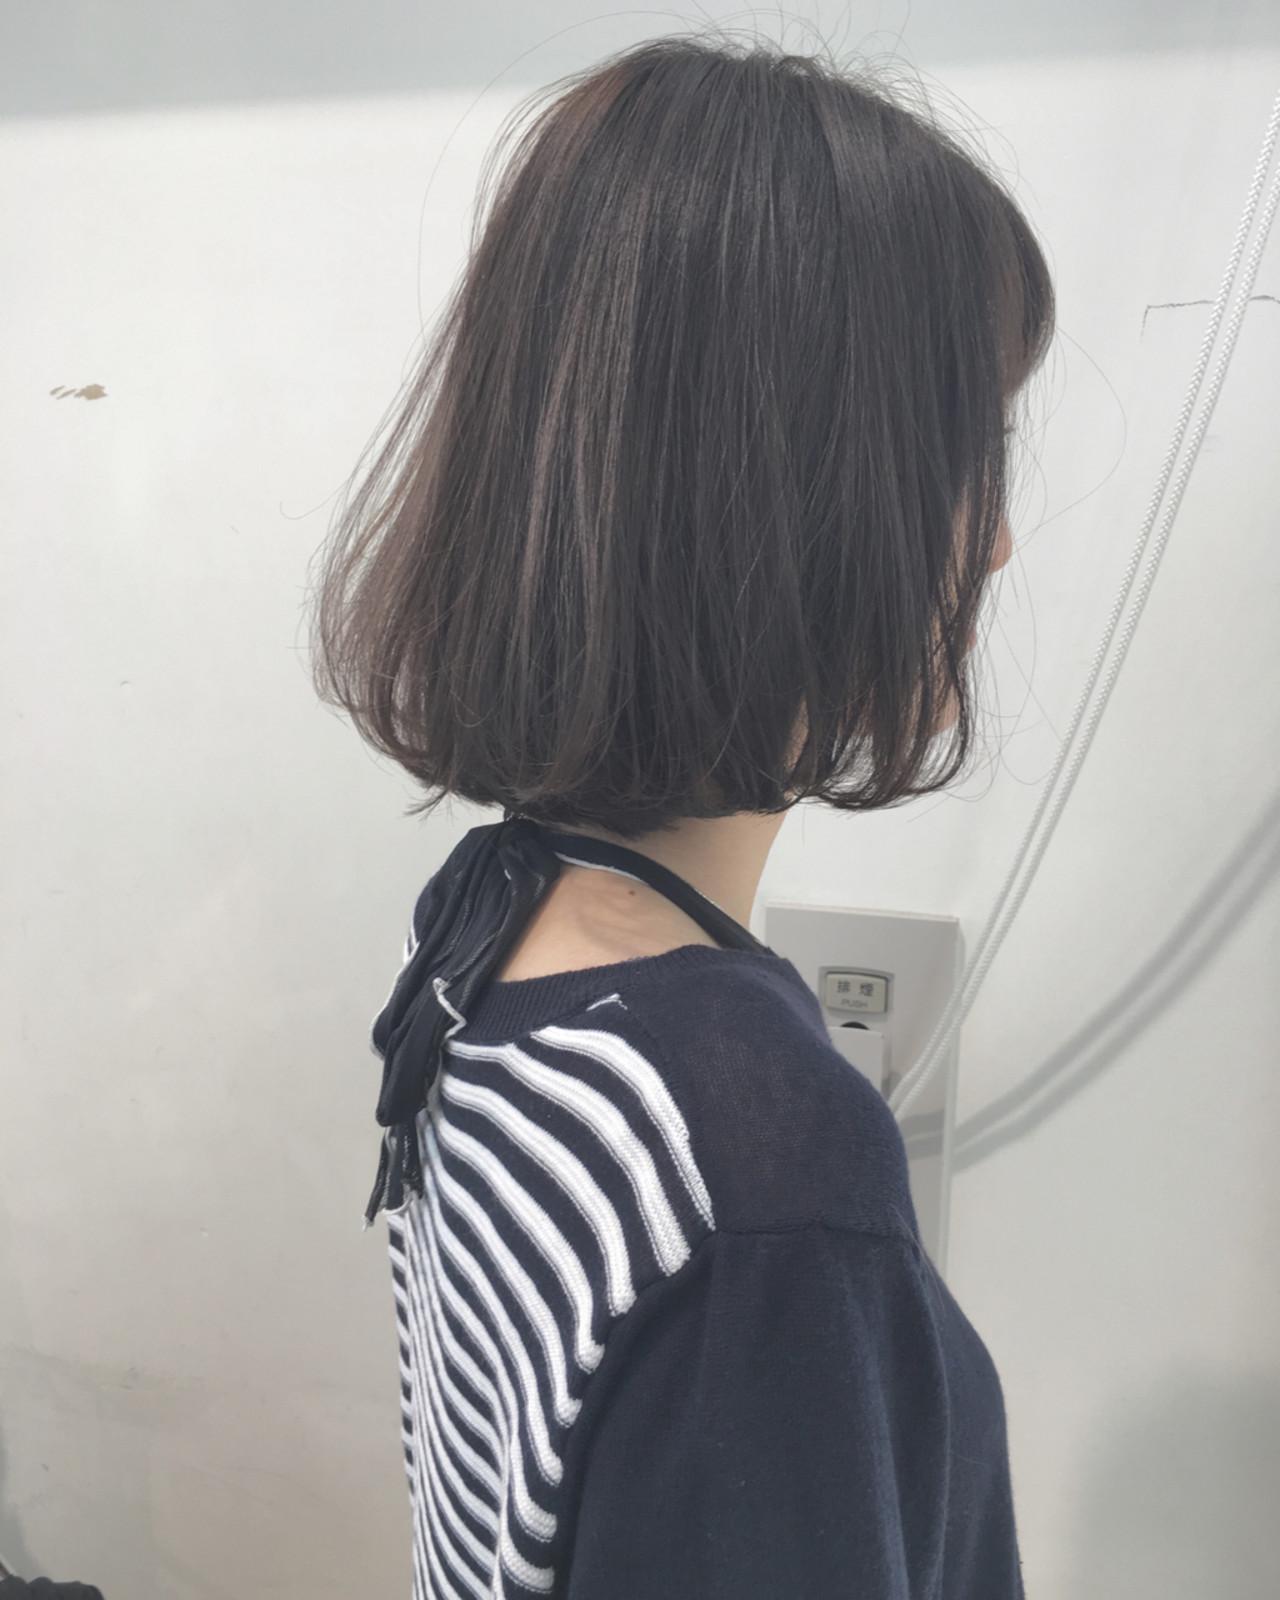 ボブ 大人女子 ナチュラル 大人かわいい ヘアスタイルや髪型の写真・画像